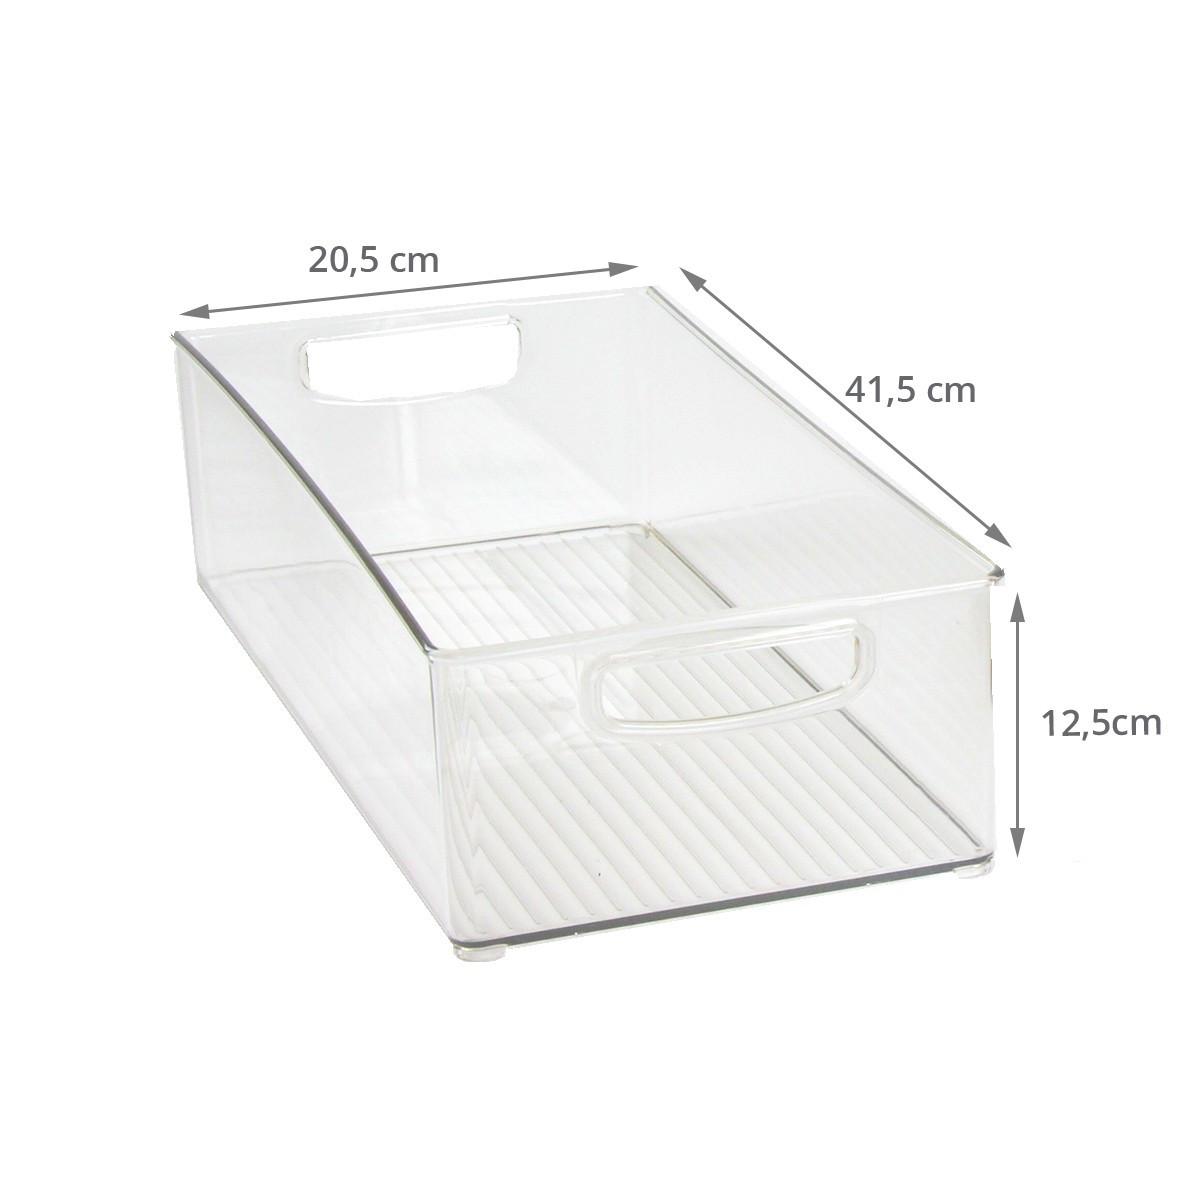 Bac empilable et haut pour placard rangement cuisine - Placard plastique rangement ...